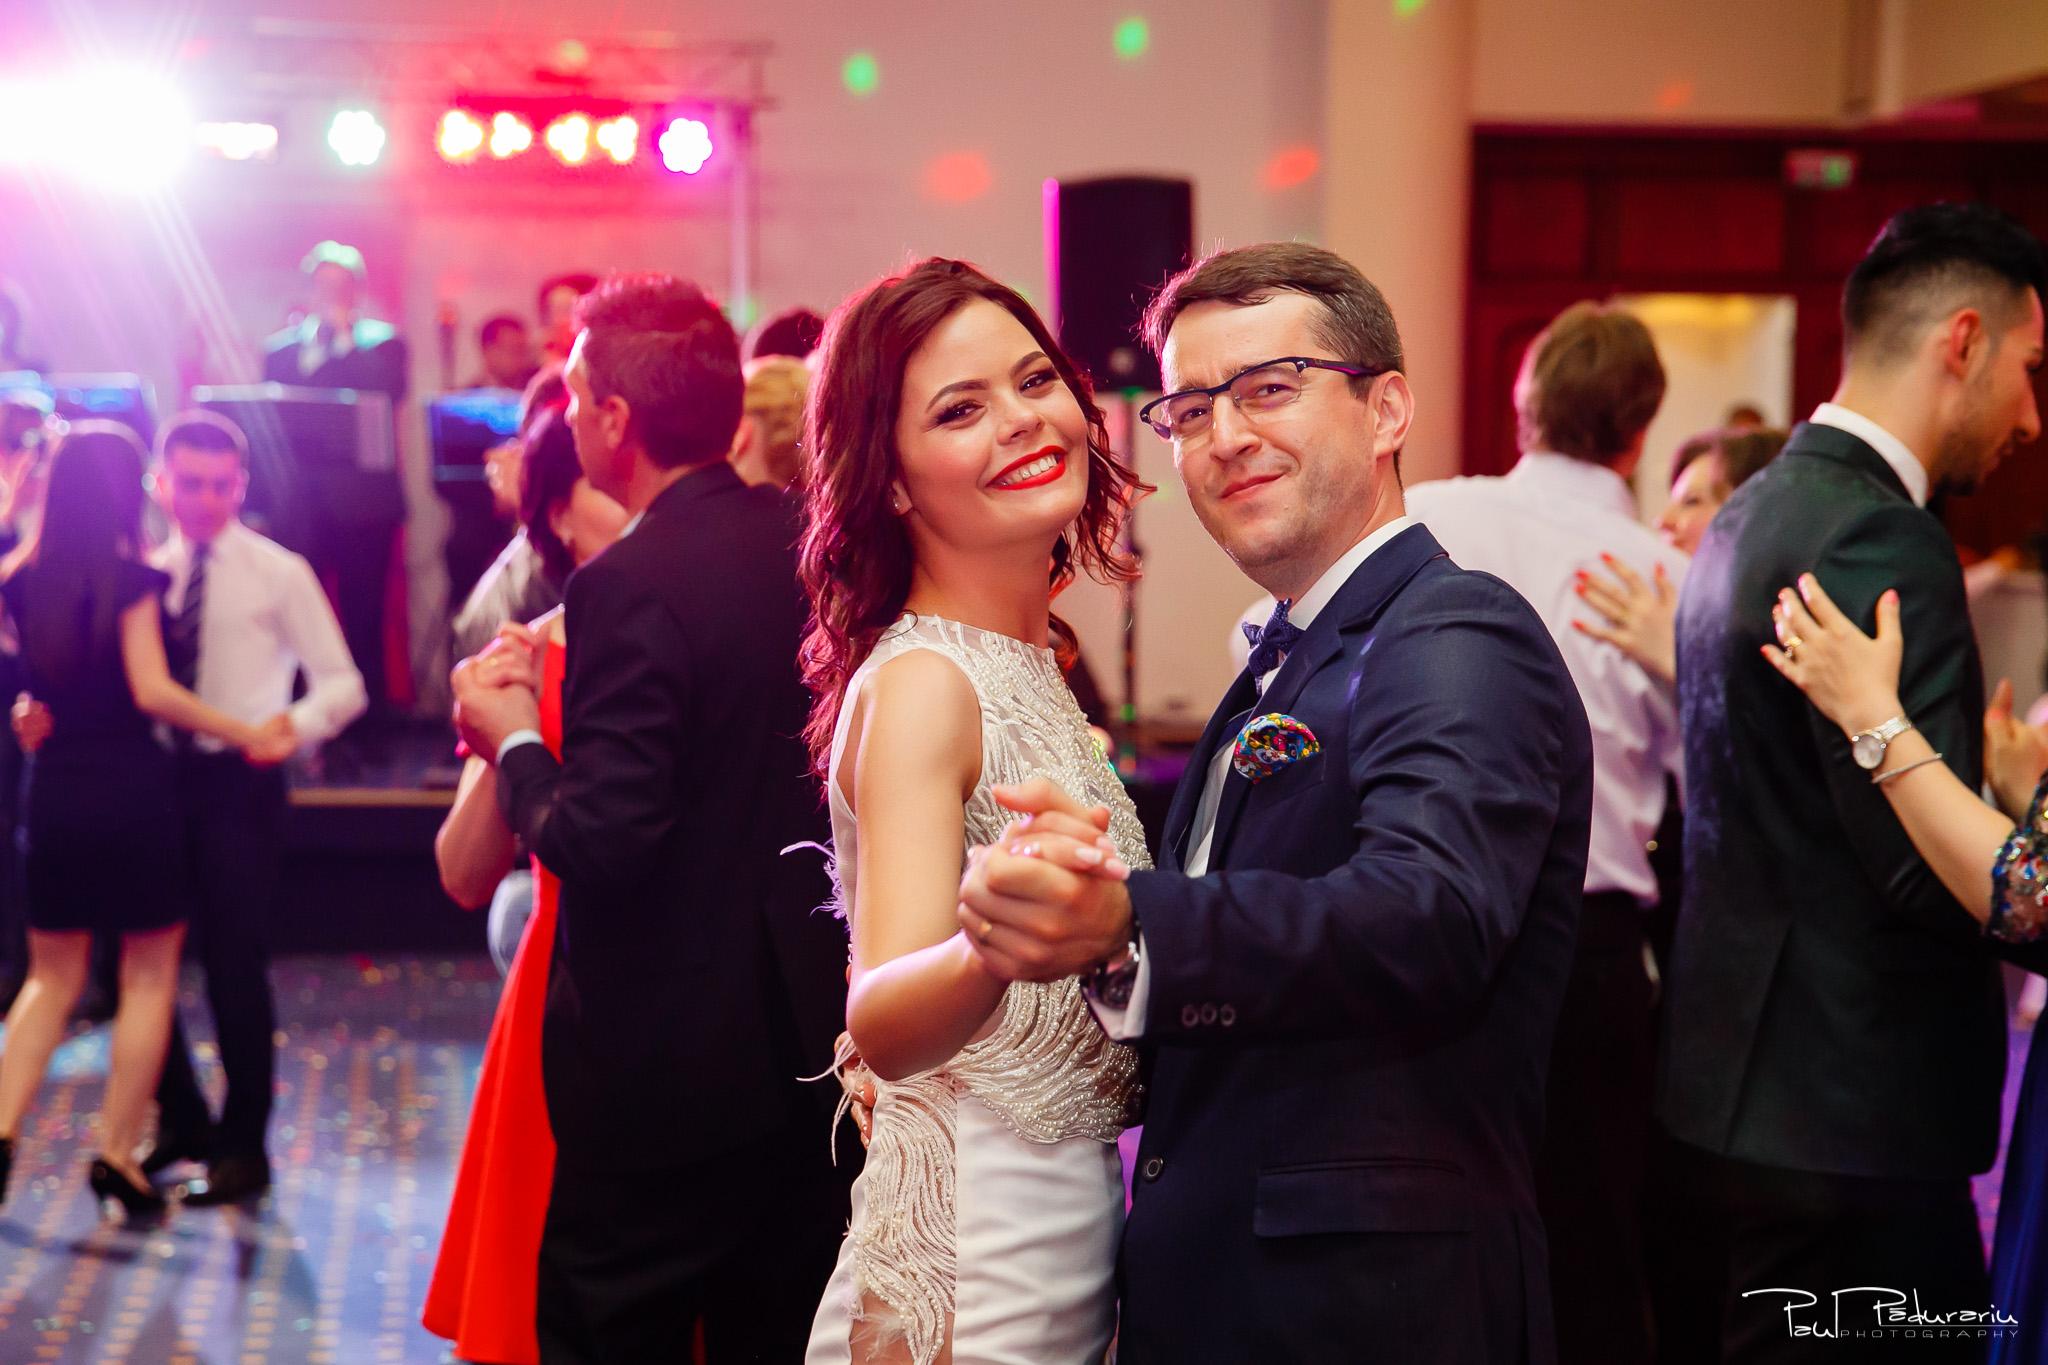 Antonia si Alin – Nunta in Iasi – restaurant Traian www.paulpadurariu.ro © 2018 Paul Padurariu fotograf profesionist nunta Iasi - dans invitati 2